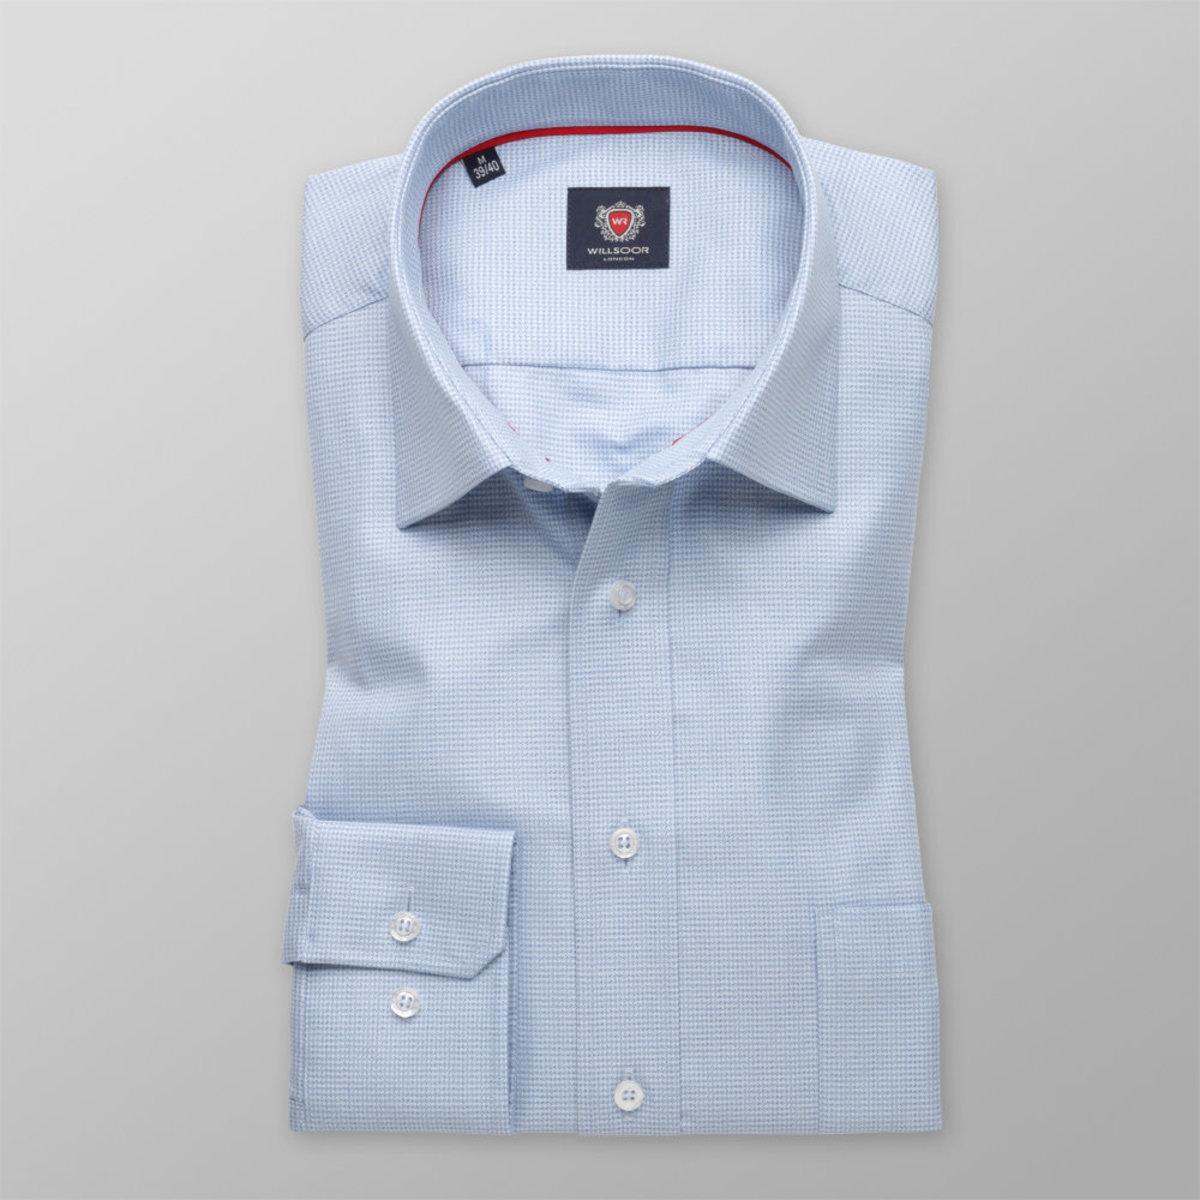 Pánska klasická košeľa London (výška 176-182) 8588 v modré farbe s úpravou easy care 176-182 / XL (43/44)